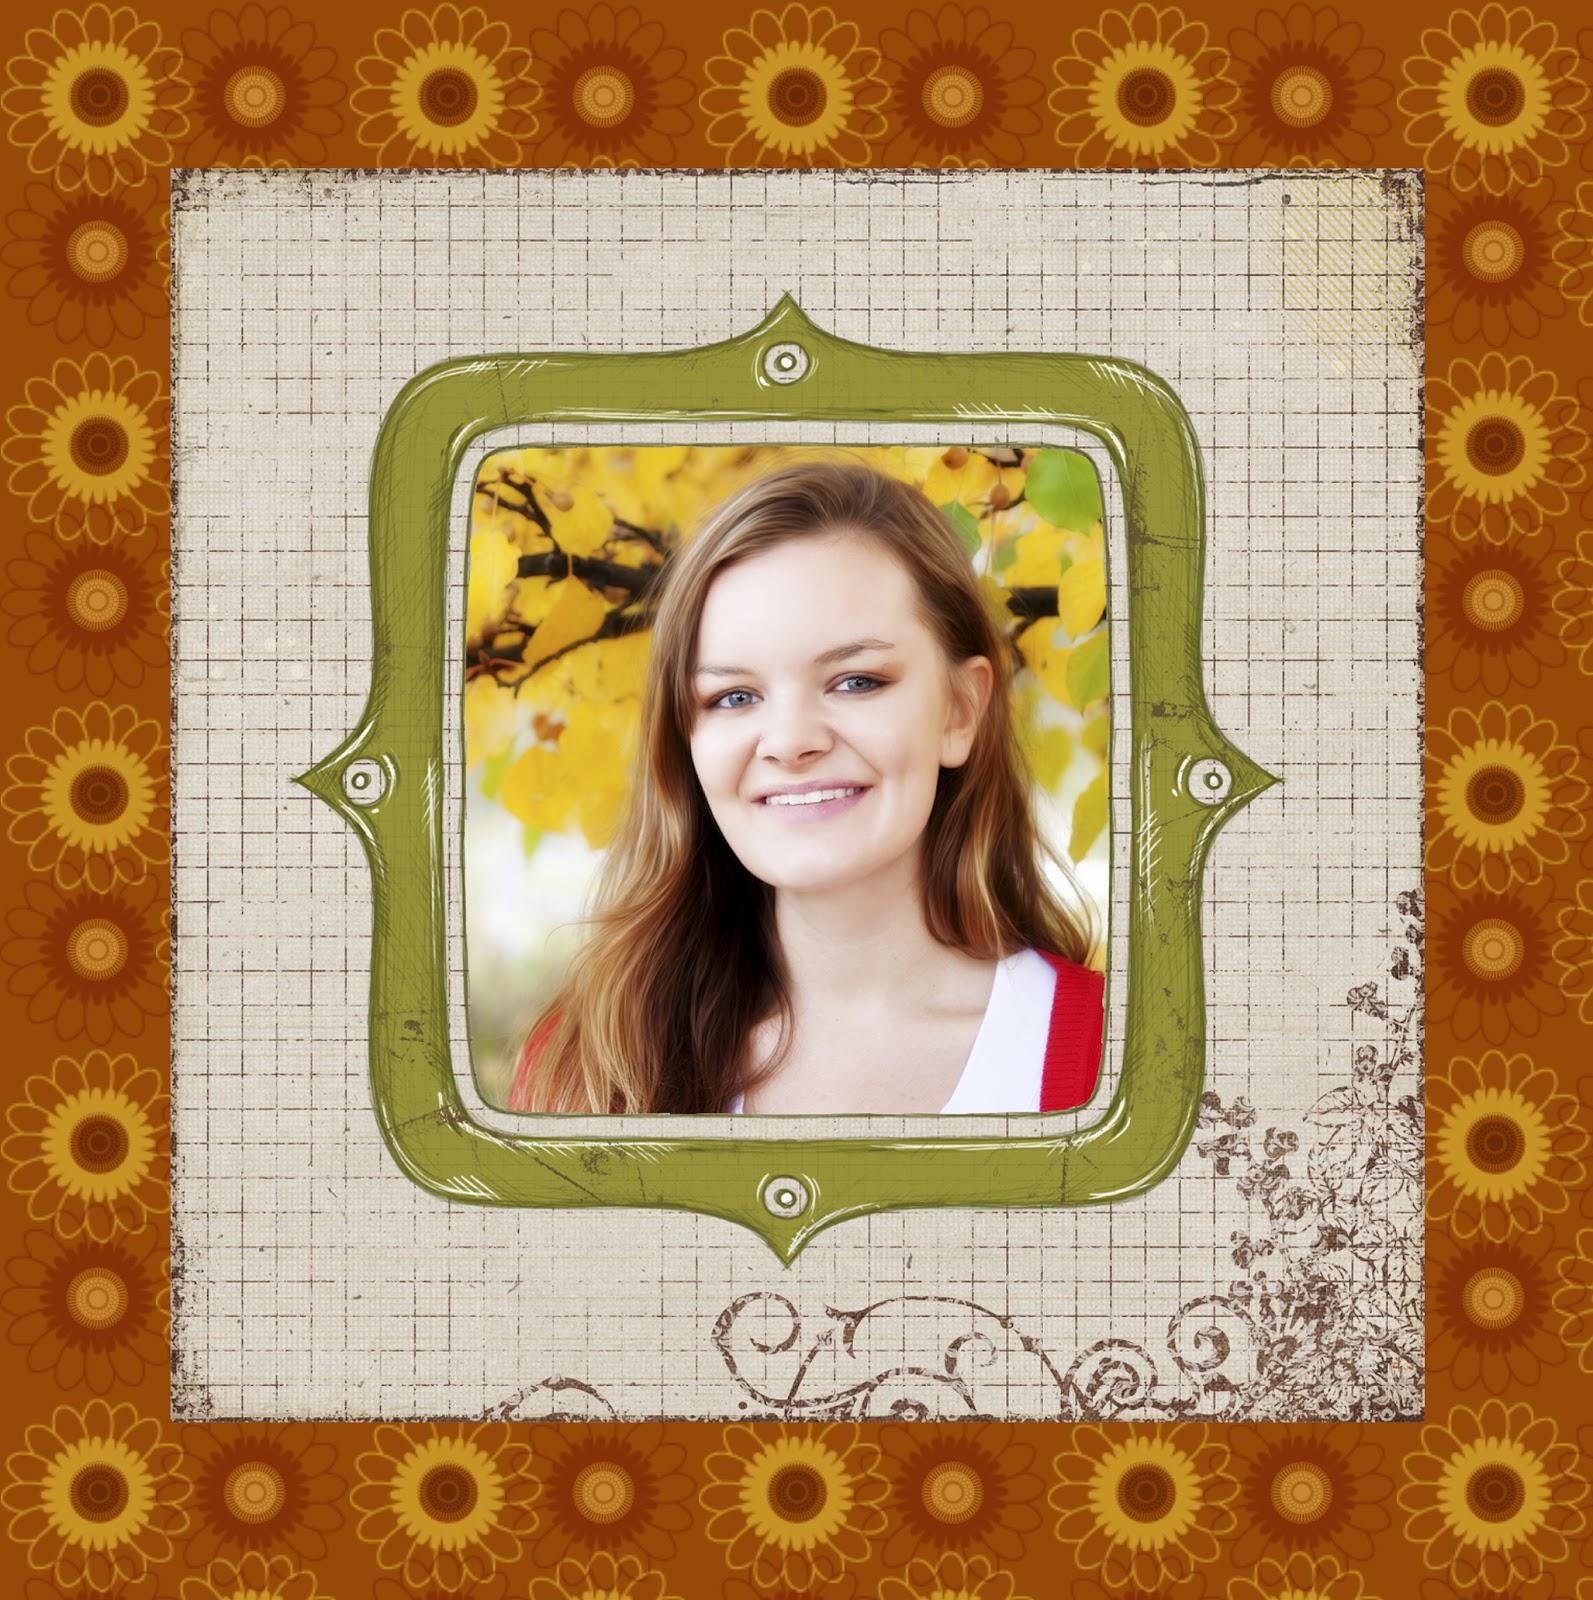 http://1.bp.blogspot.com/-PPVy2kKZJgs/UGw22zu5v4I/AAAAAAAAFs0/C-E89OPSx-s/s1600/wallpaper+jill+14.jpg